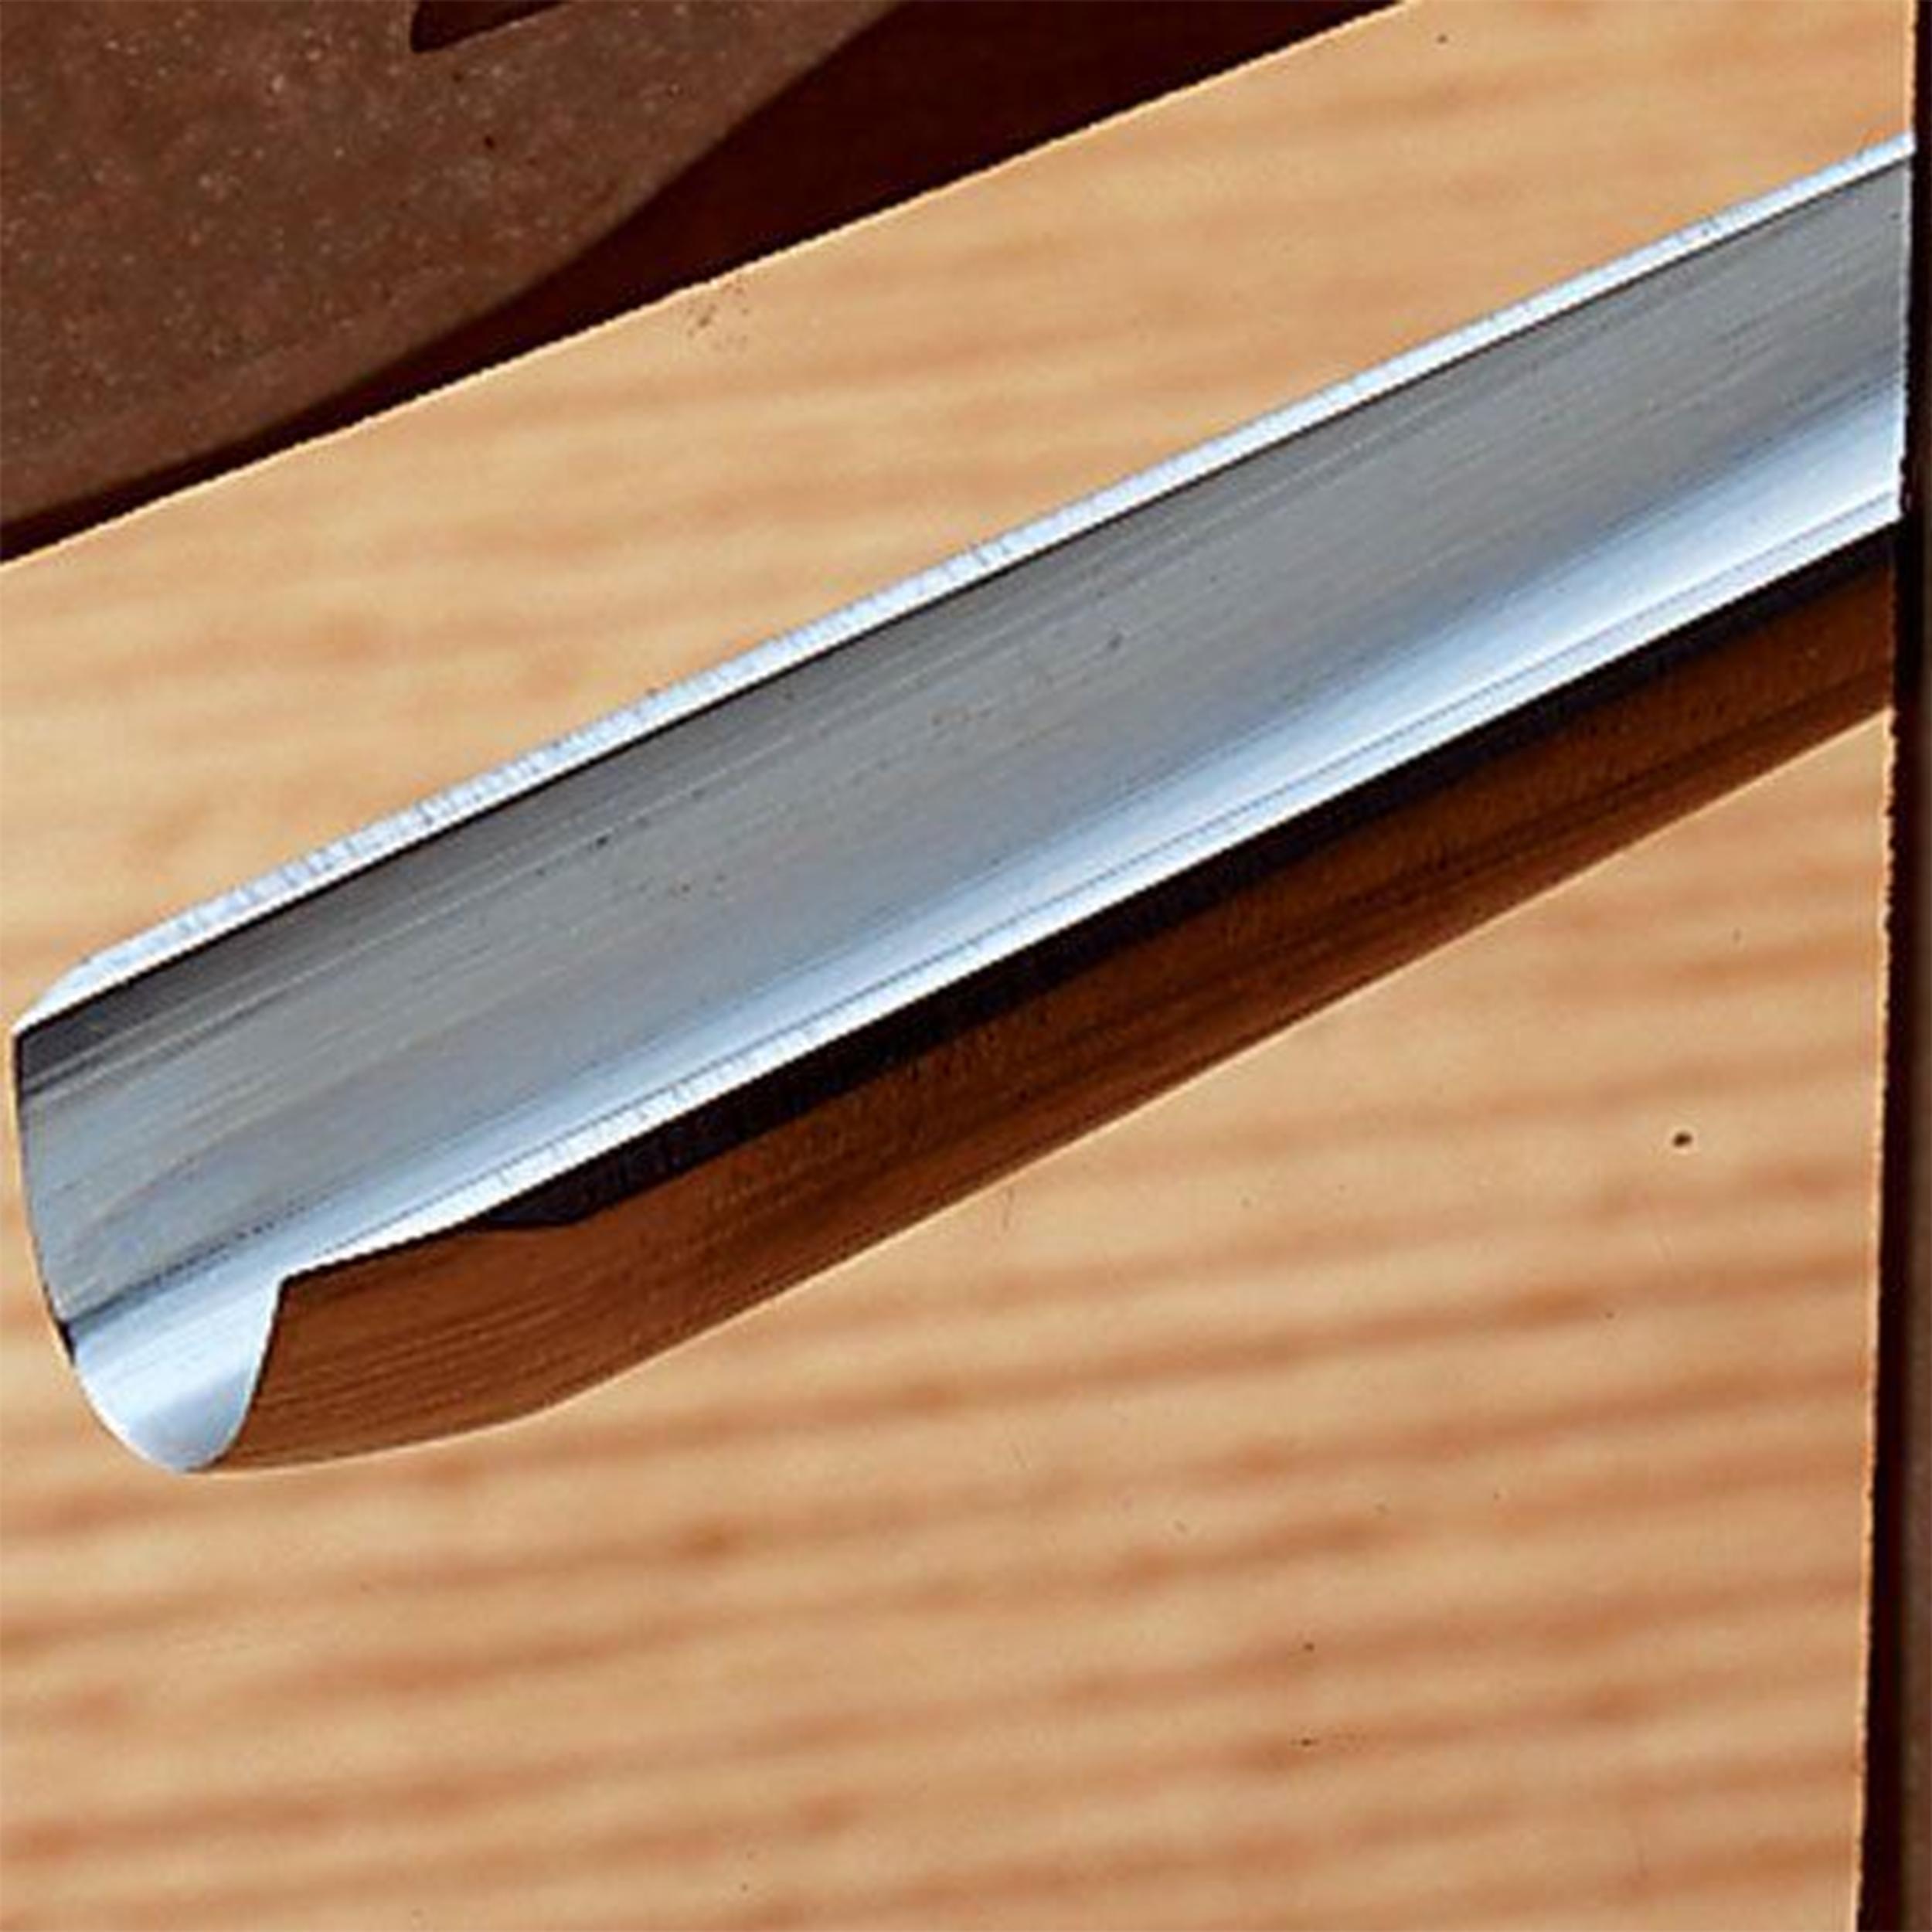 #11 Sweep Veiner, 1.5 mm, Full Size